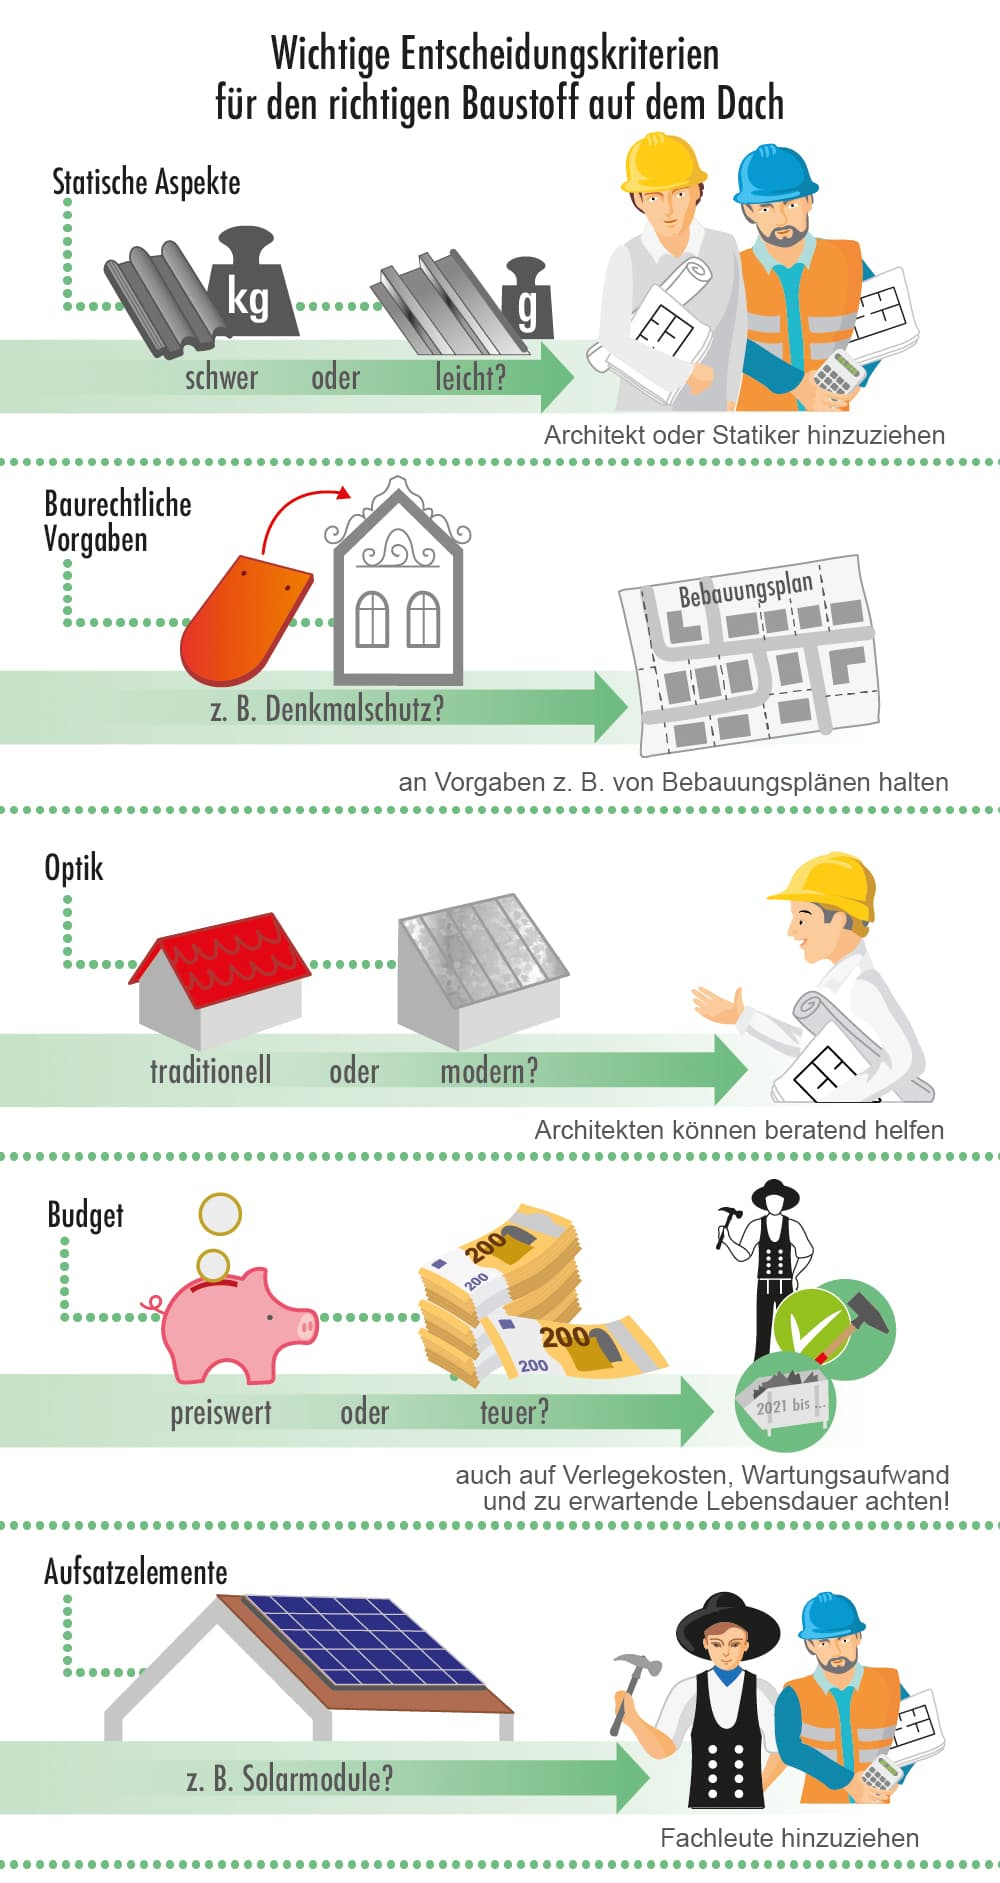 Entscheidungskriterien für die richtige Dacheindeckung